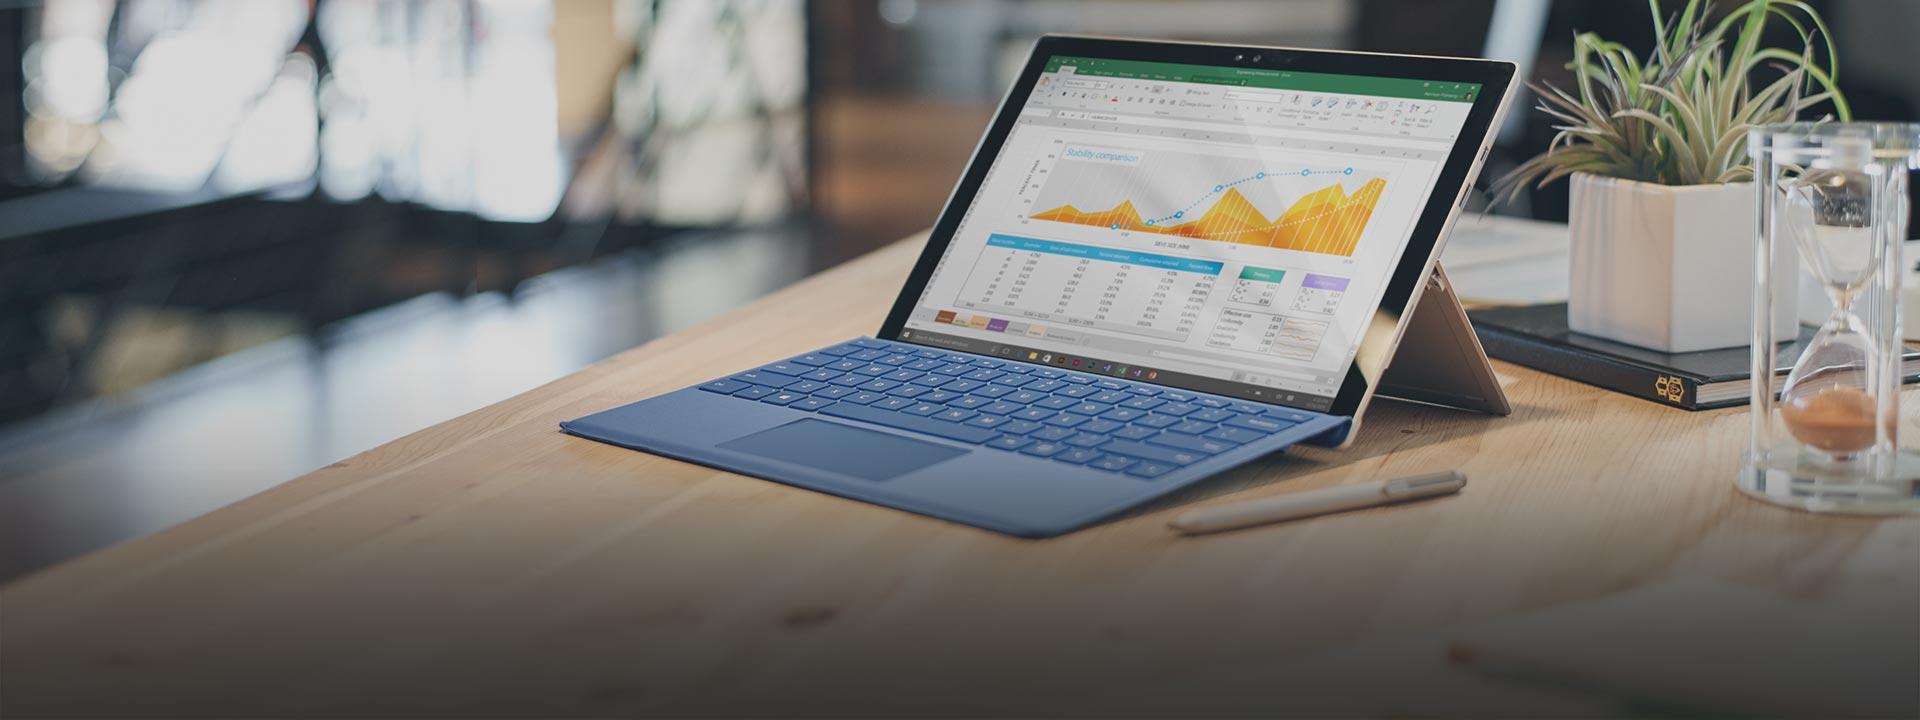 Surface Pro 4, læs mere